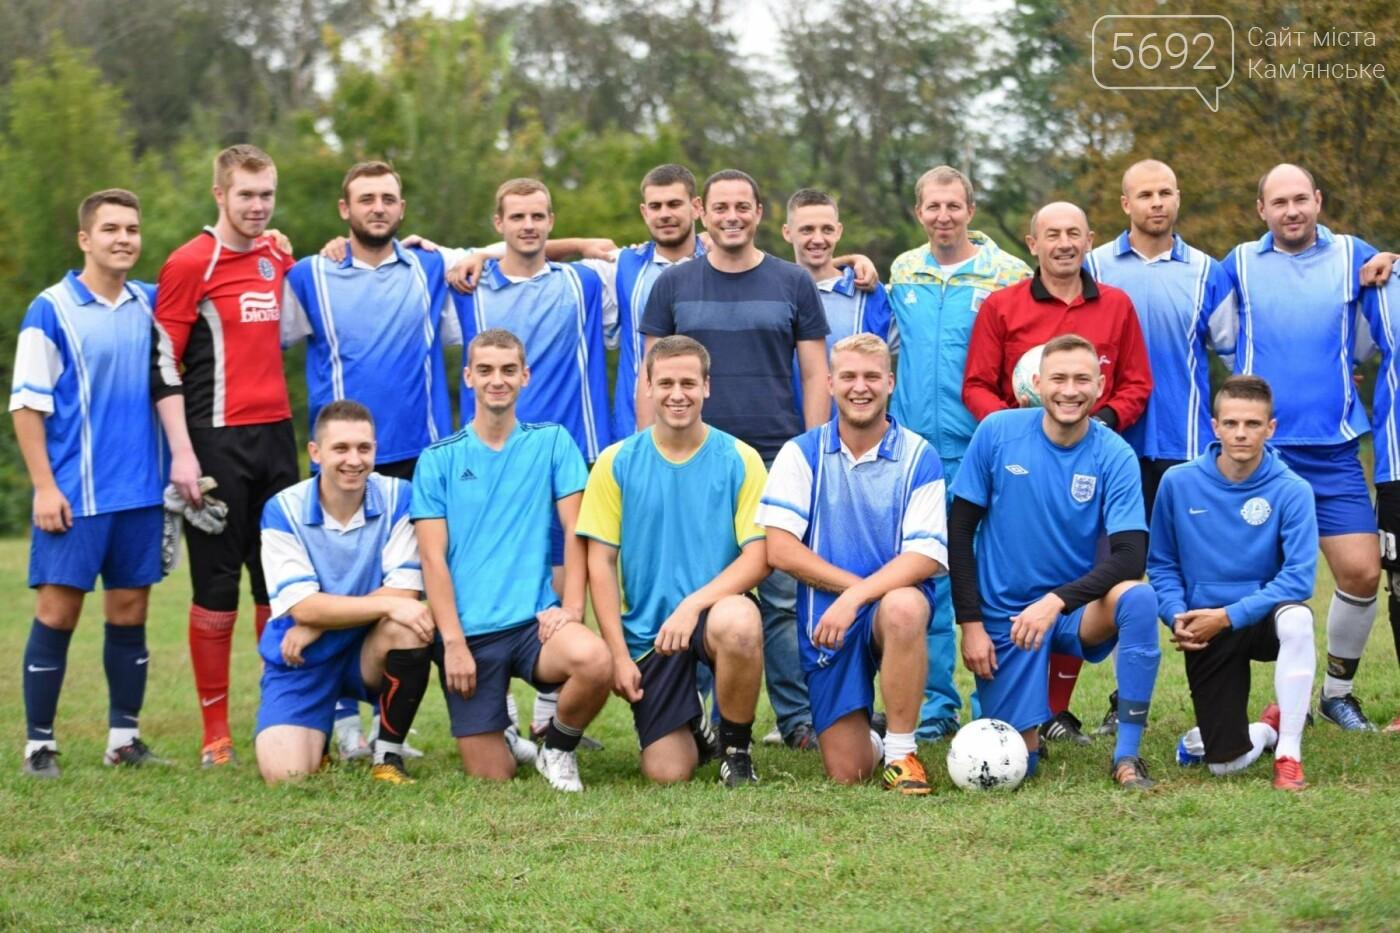 В Южном районе Каменского состоялся футбольный праздник, фото-1